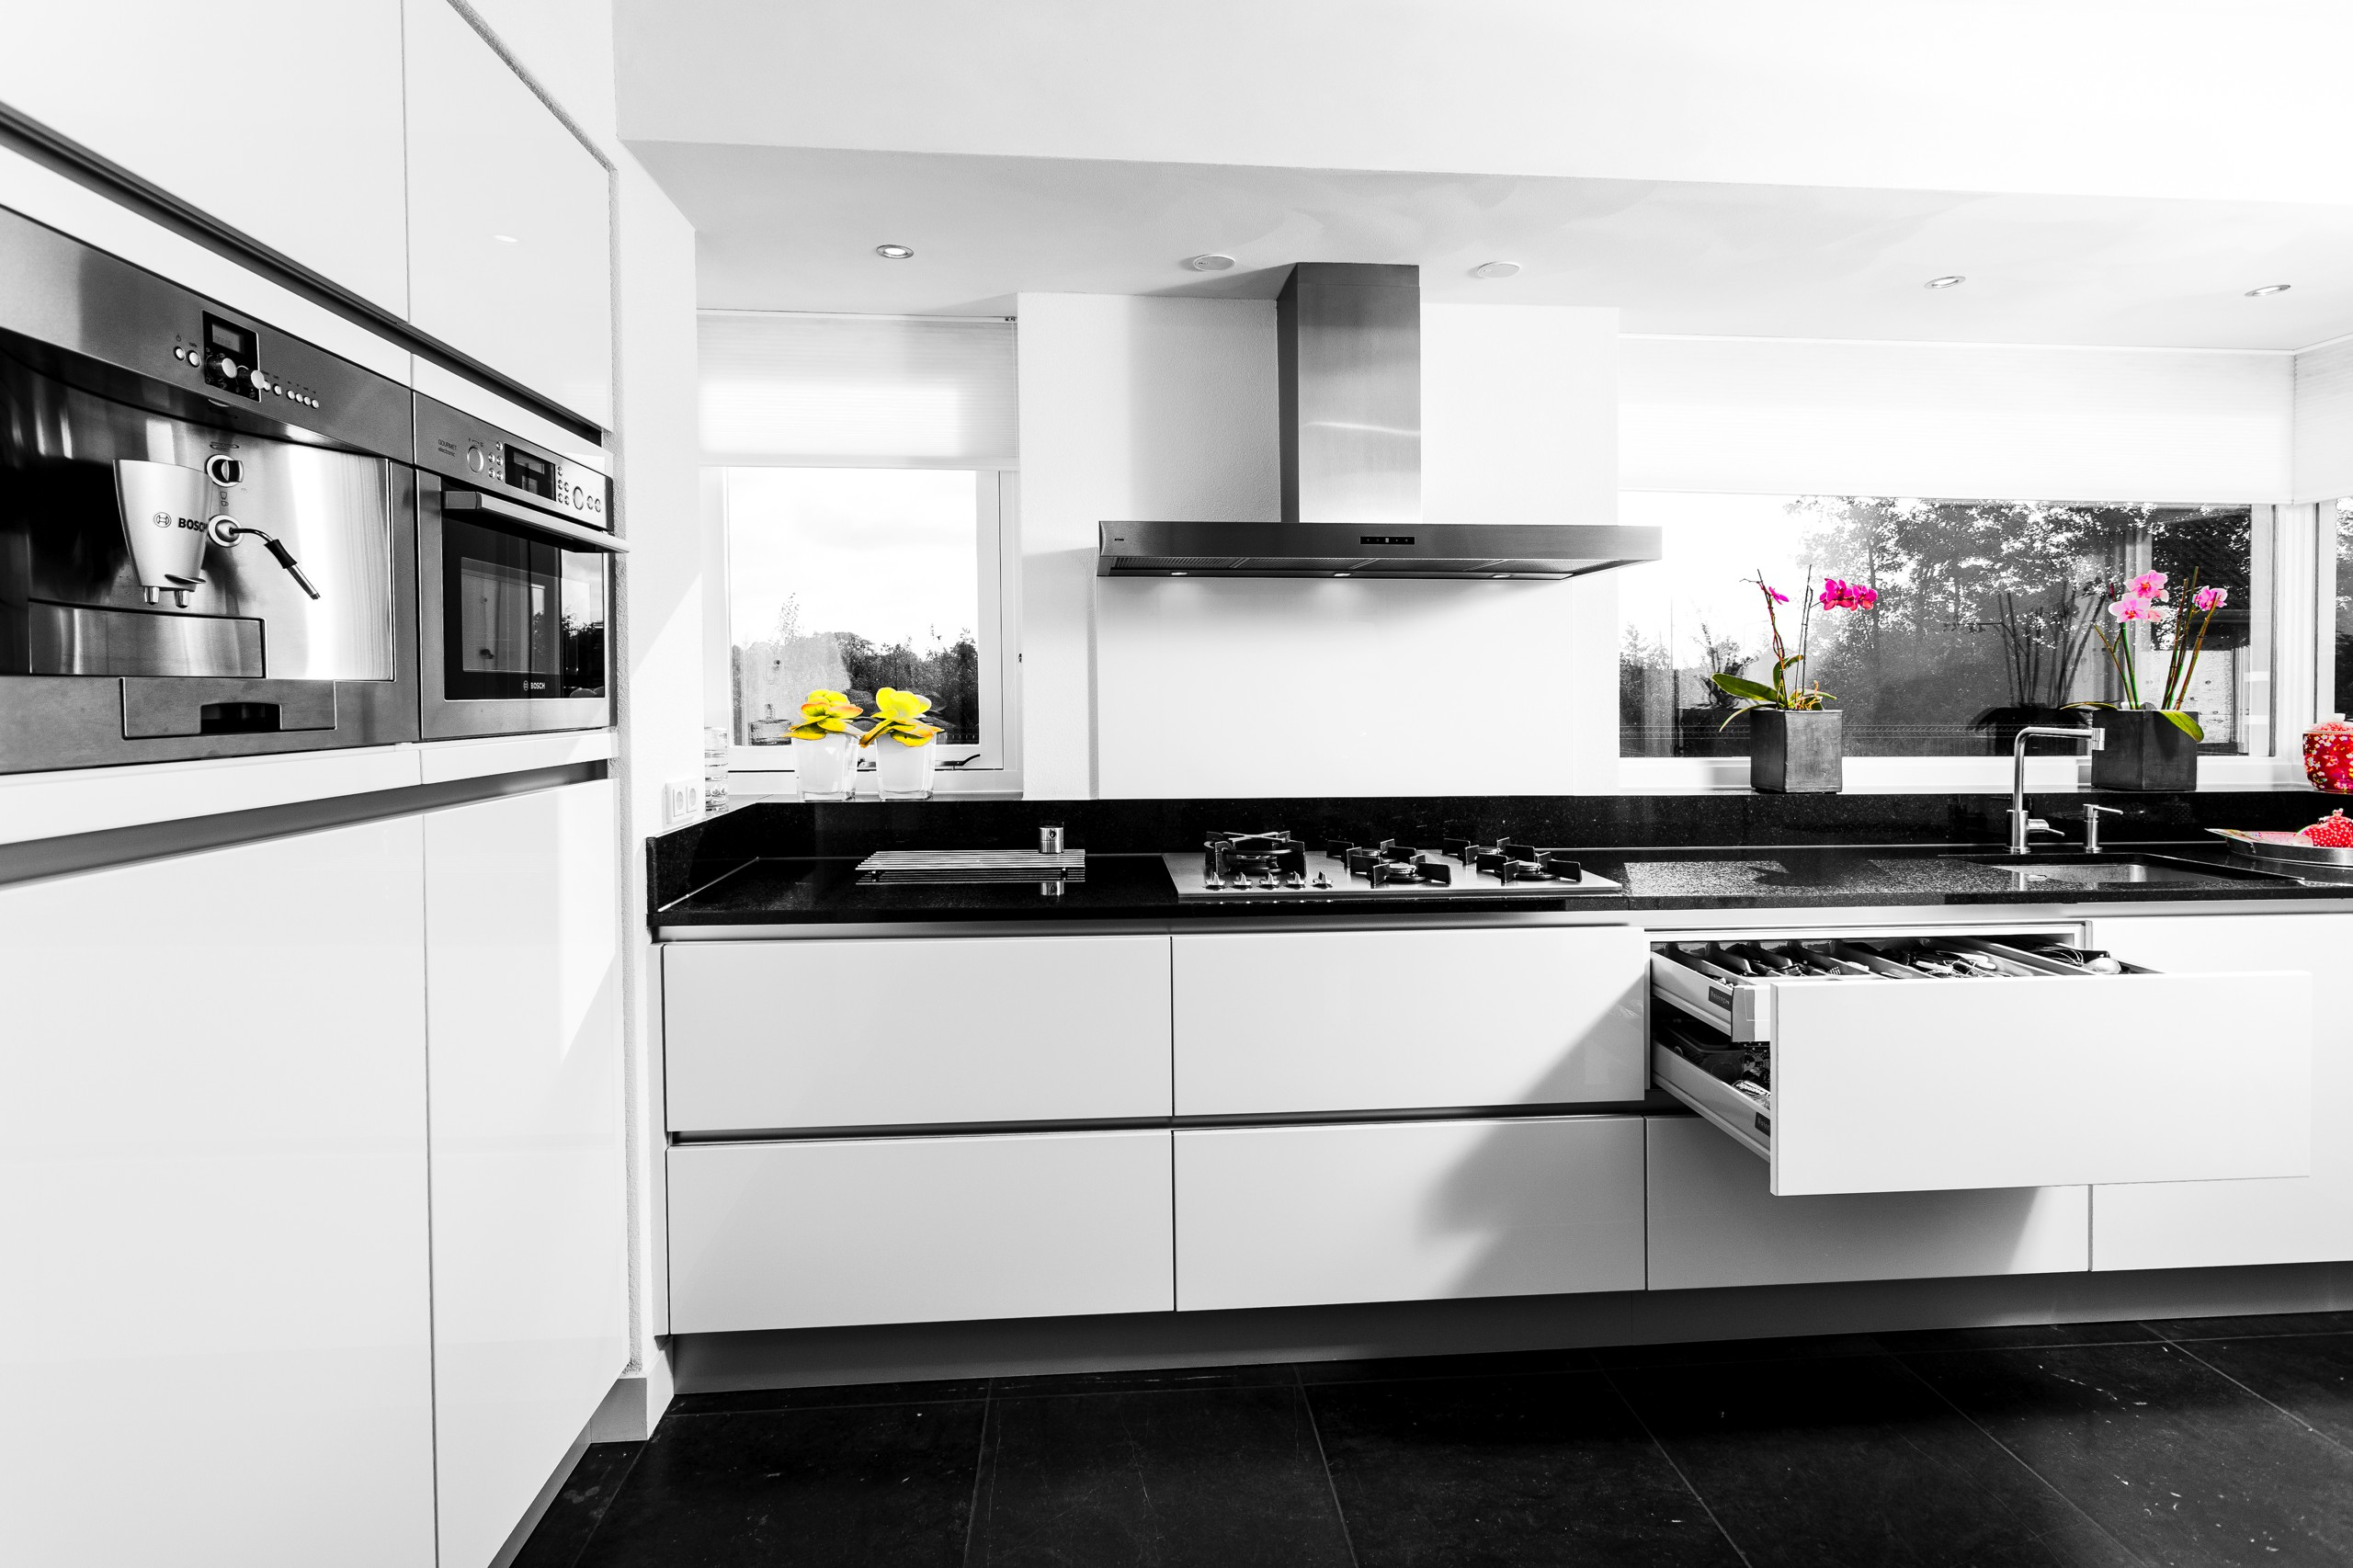 Voorkeur Welke kleur vloer bij witte hoogglans keuken - THOMAS GASPERSZ &WD84